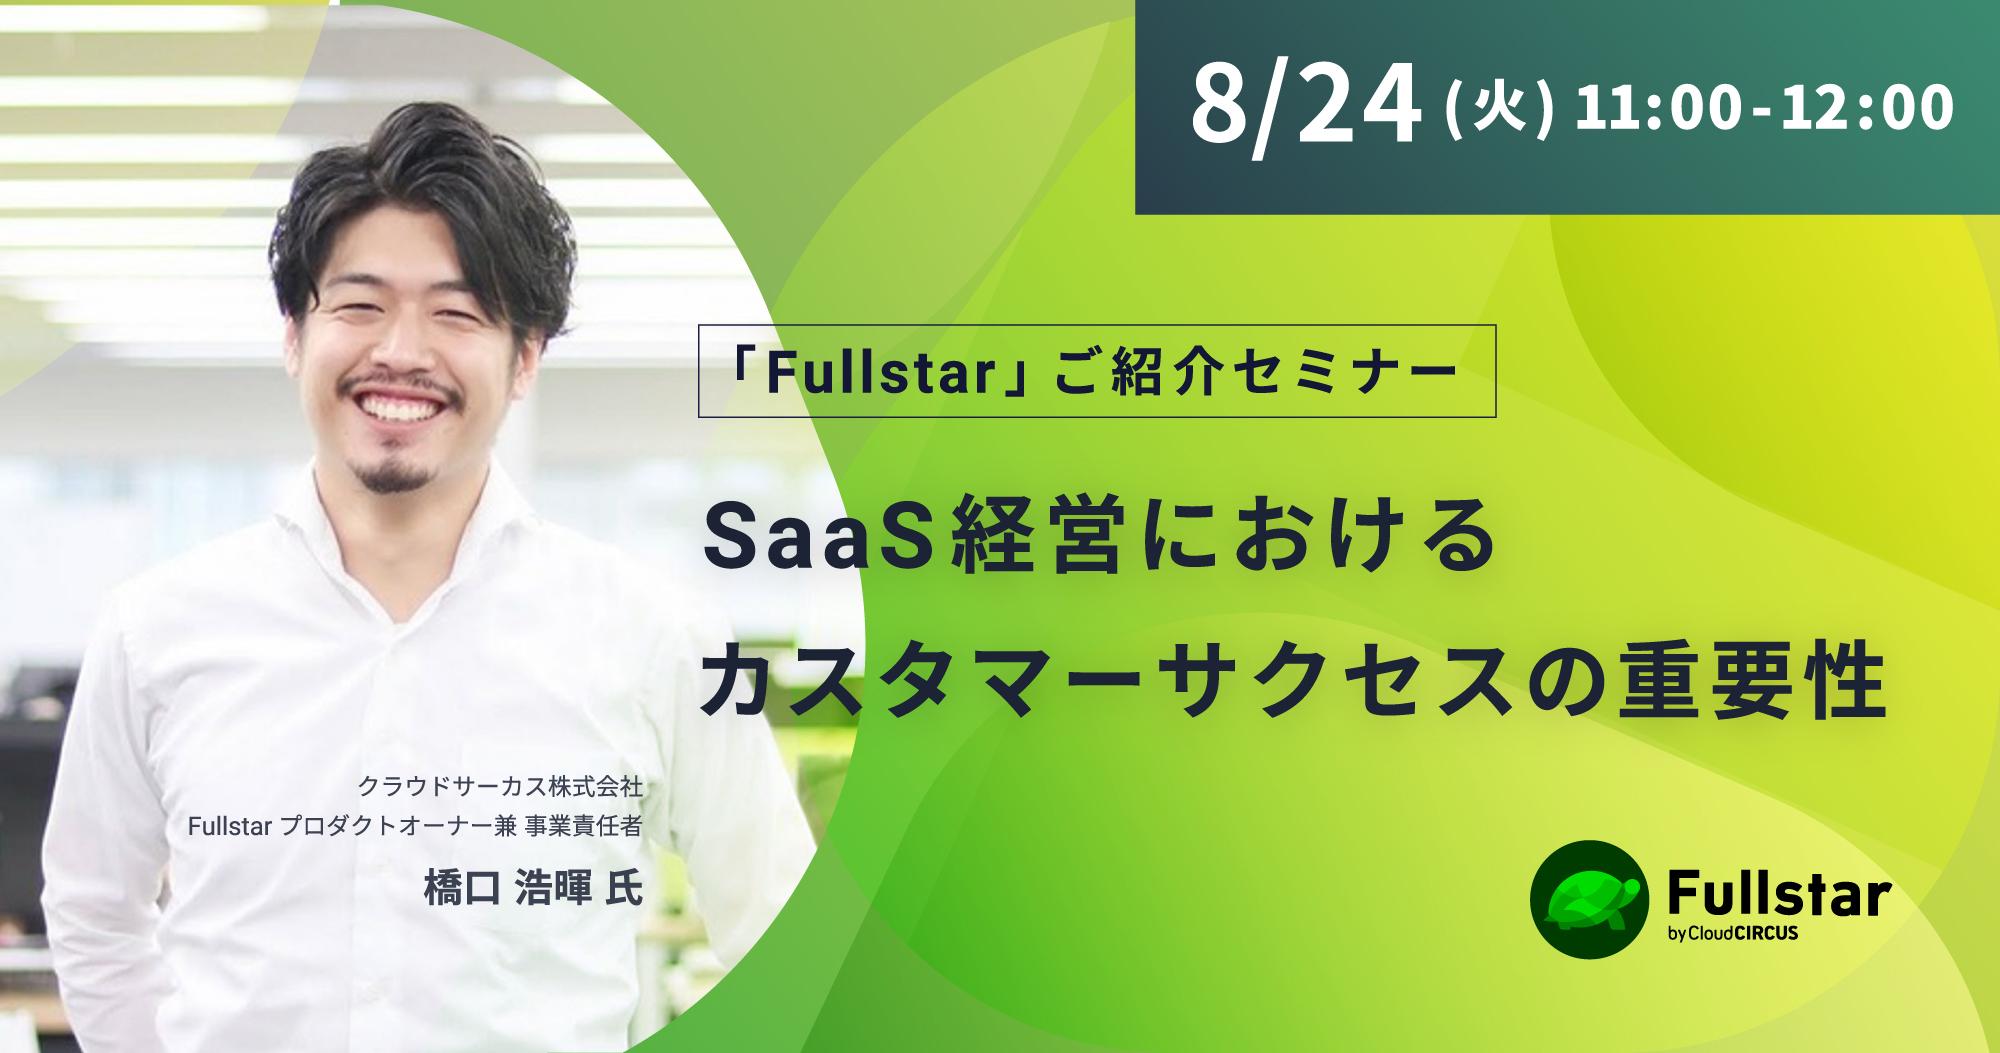 【8月24日(火)】Fullstarご紹介セミナー~SaaS経営におけるカスタマーサクセスの重要性~